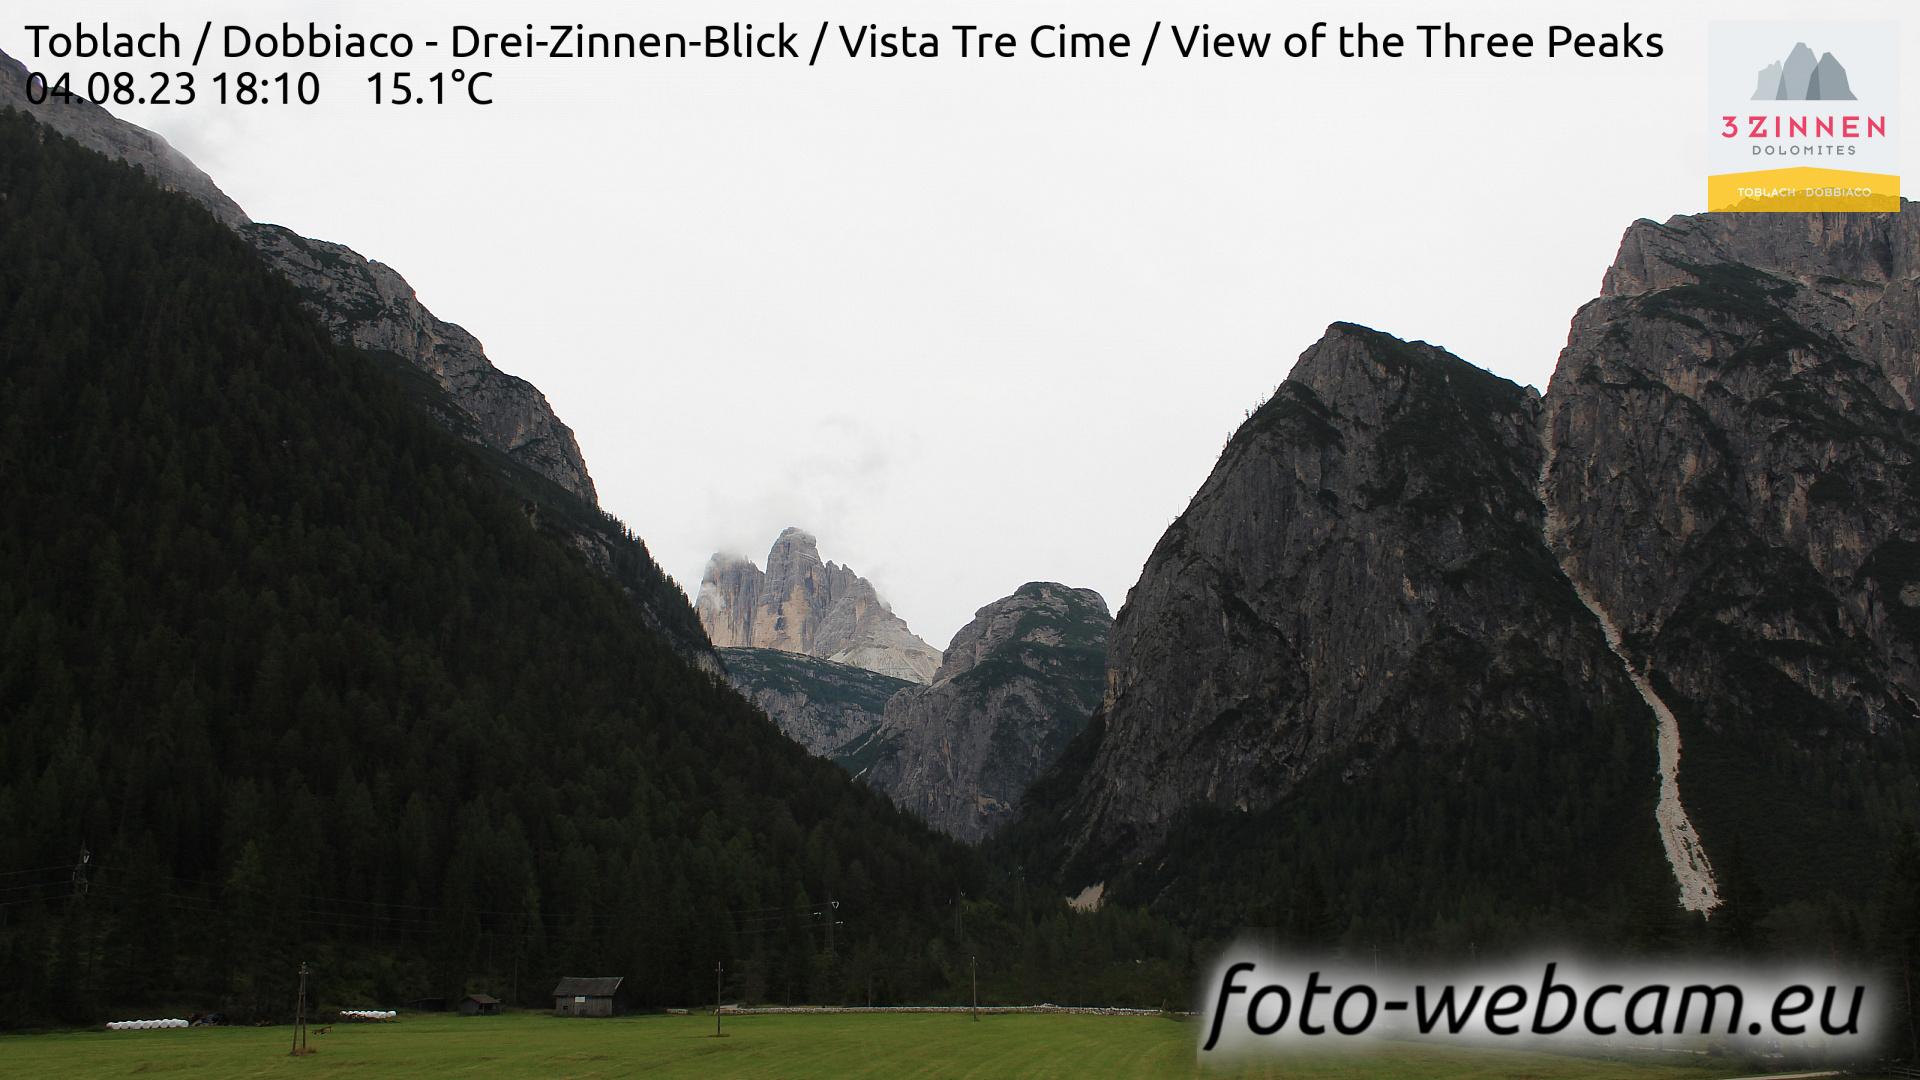 Toblach (Dolomites) Mon. 18:27